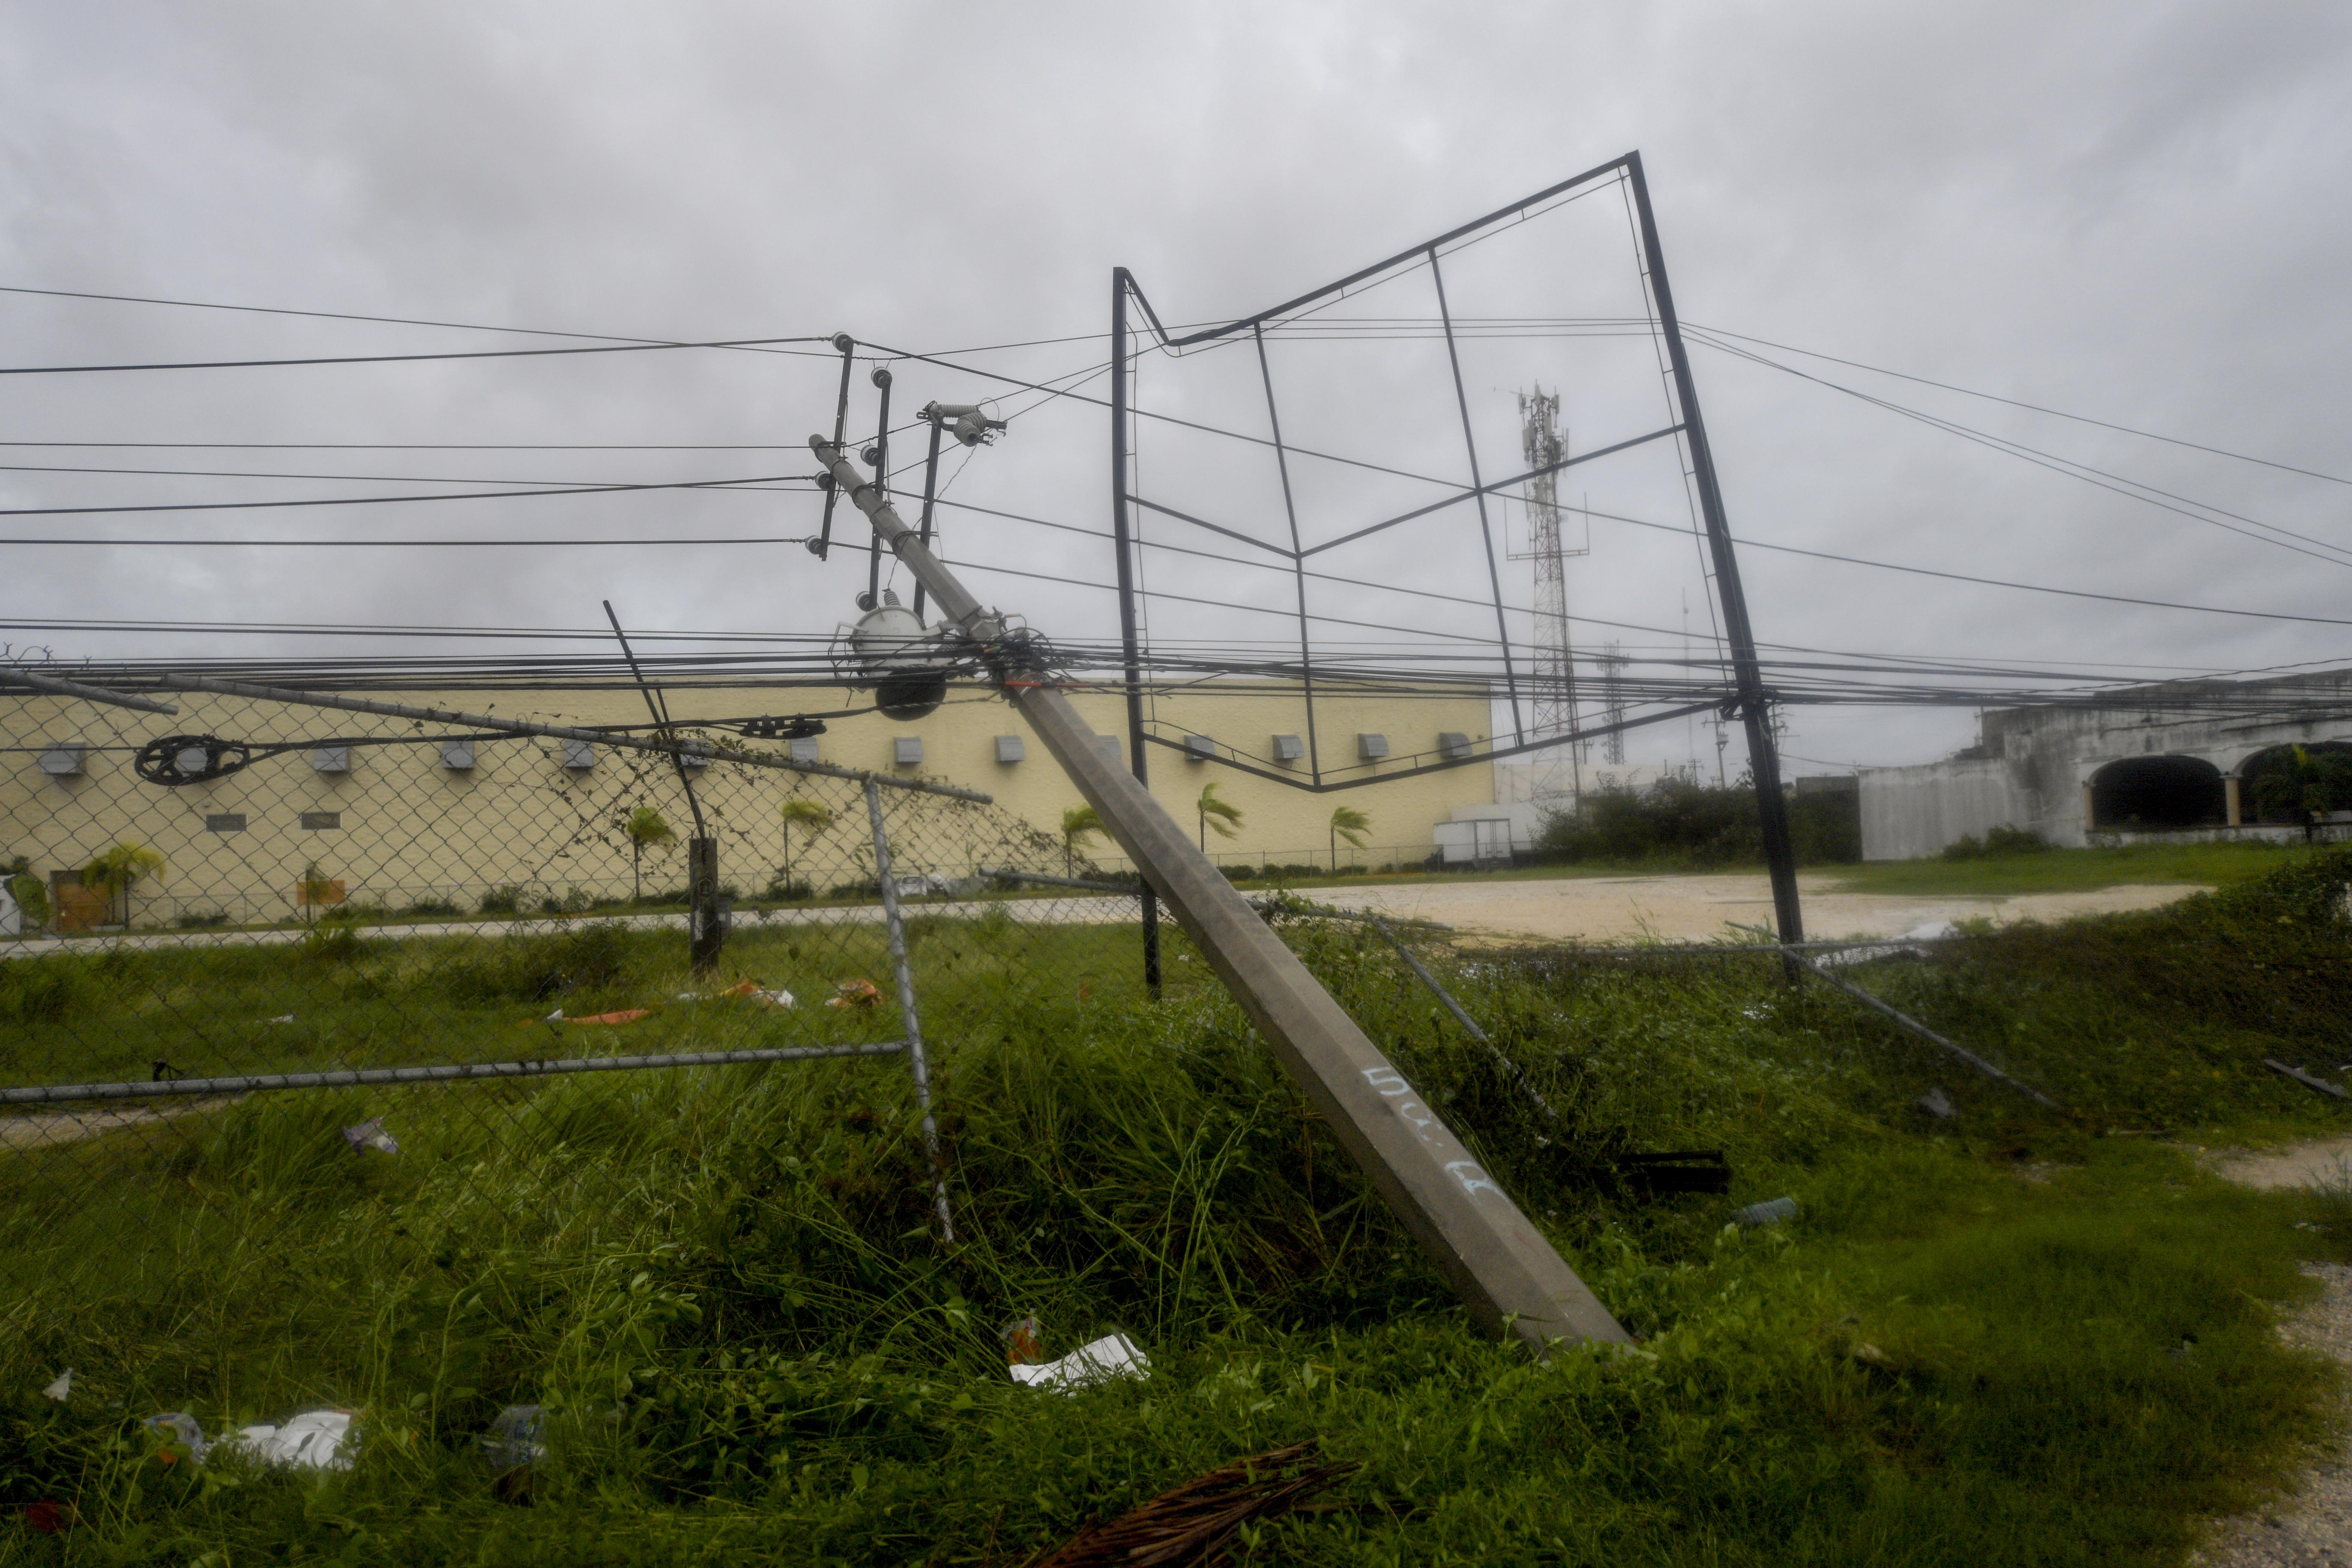 Vista de líneas eléctricas caídas después del paso del huracán Delta en Cancún, estado de Quintana Roo, México, el 7 de octubre de 2020.